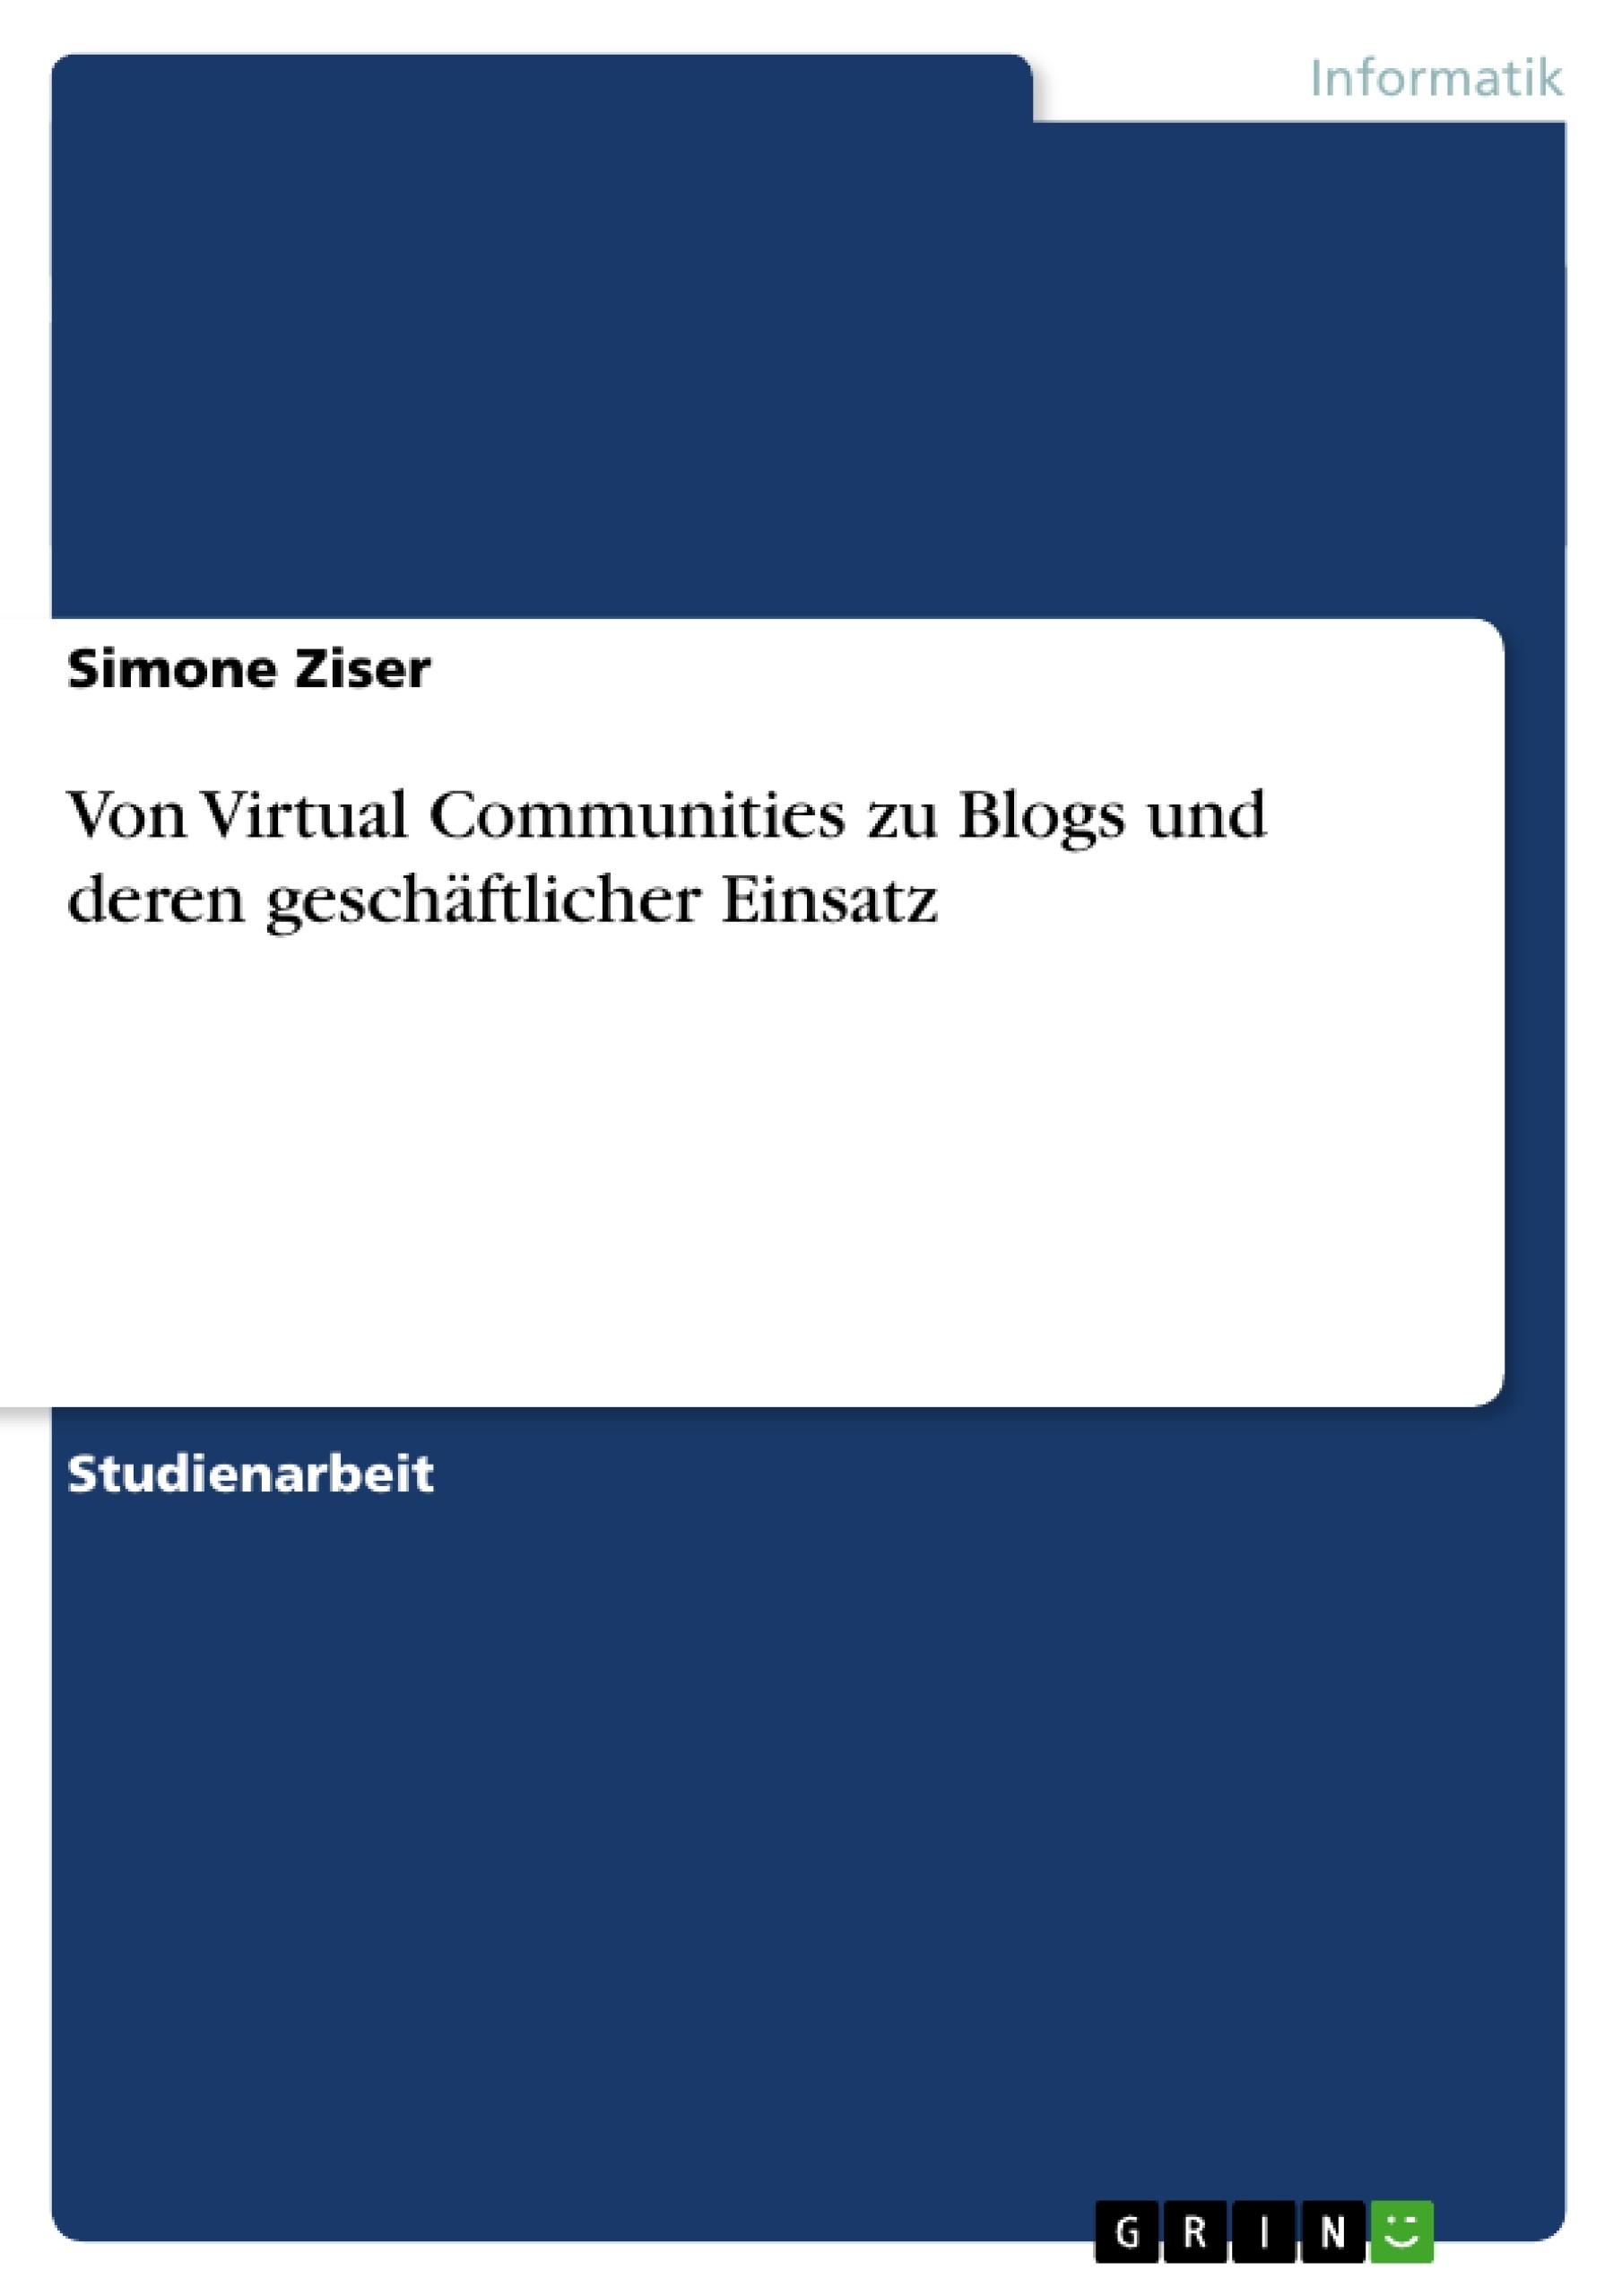 Titel: Von Virtual Communities zu Blogs und deren geschäftlicher Einsatz